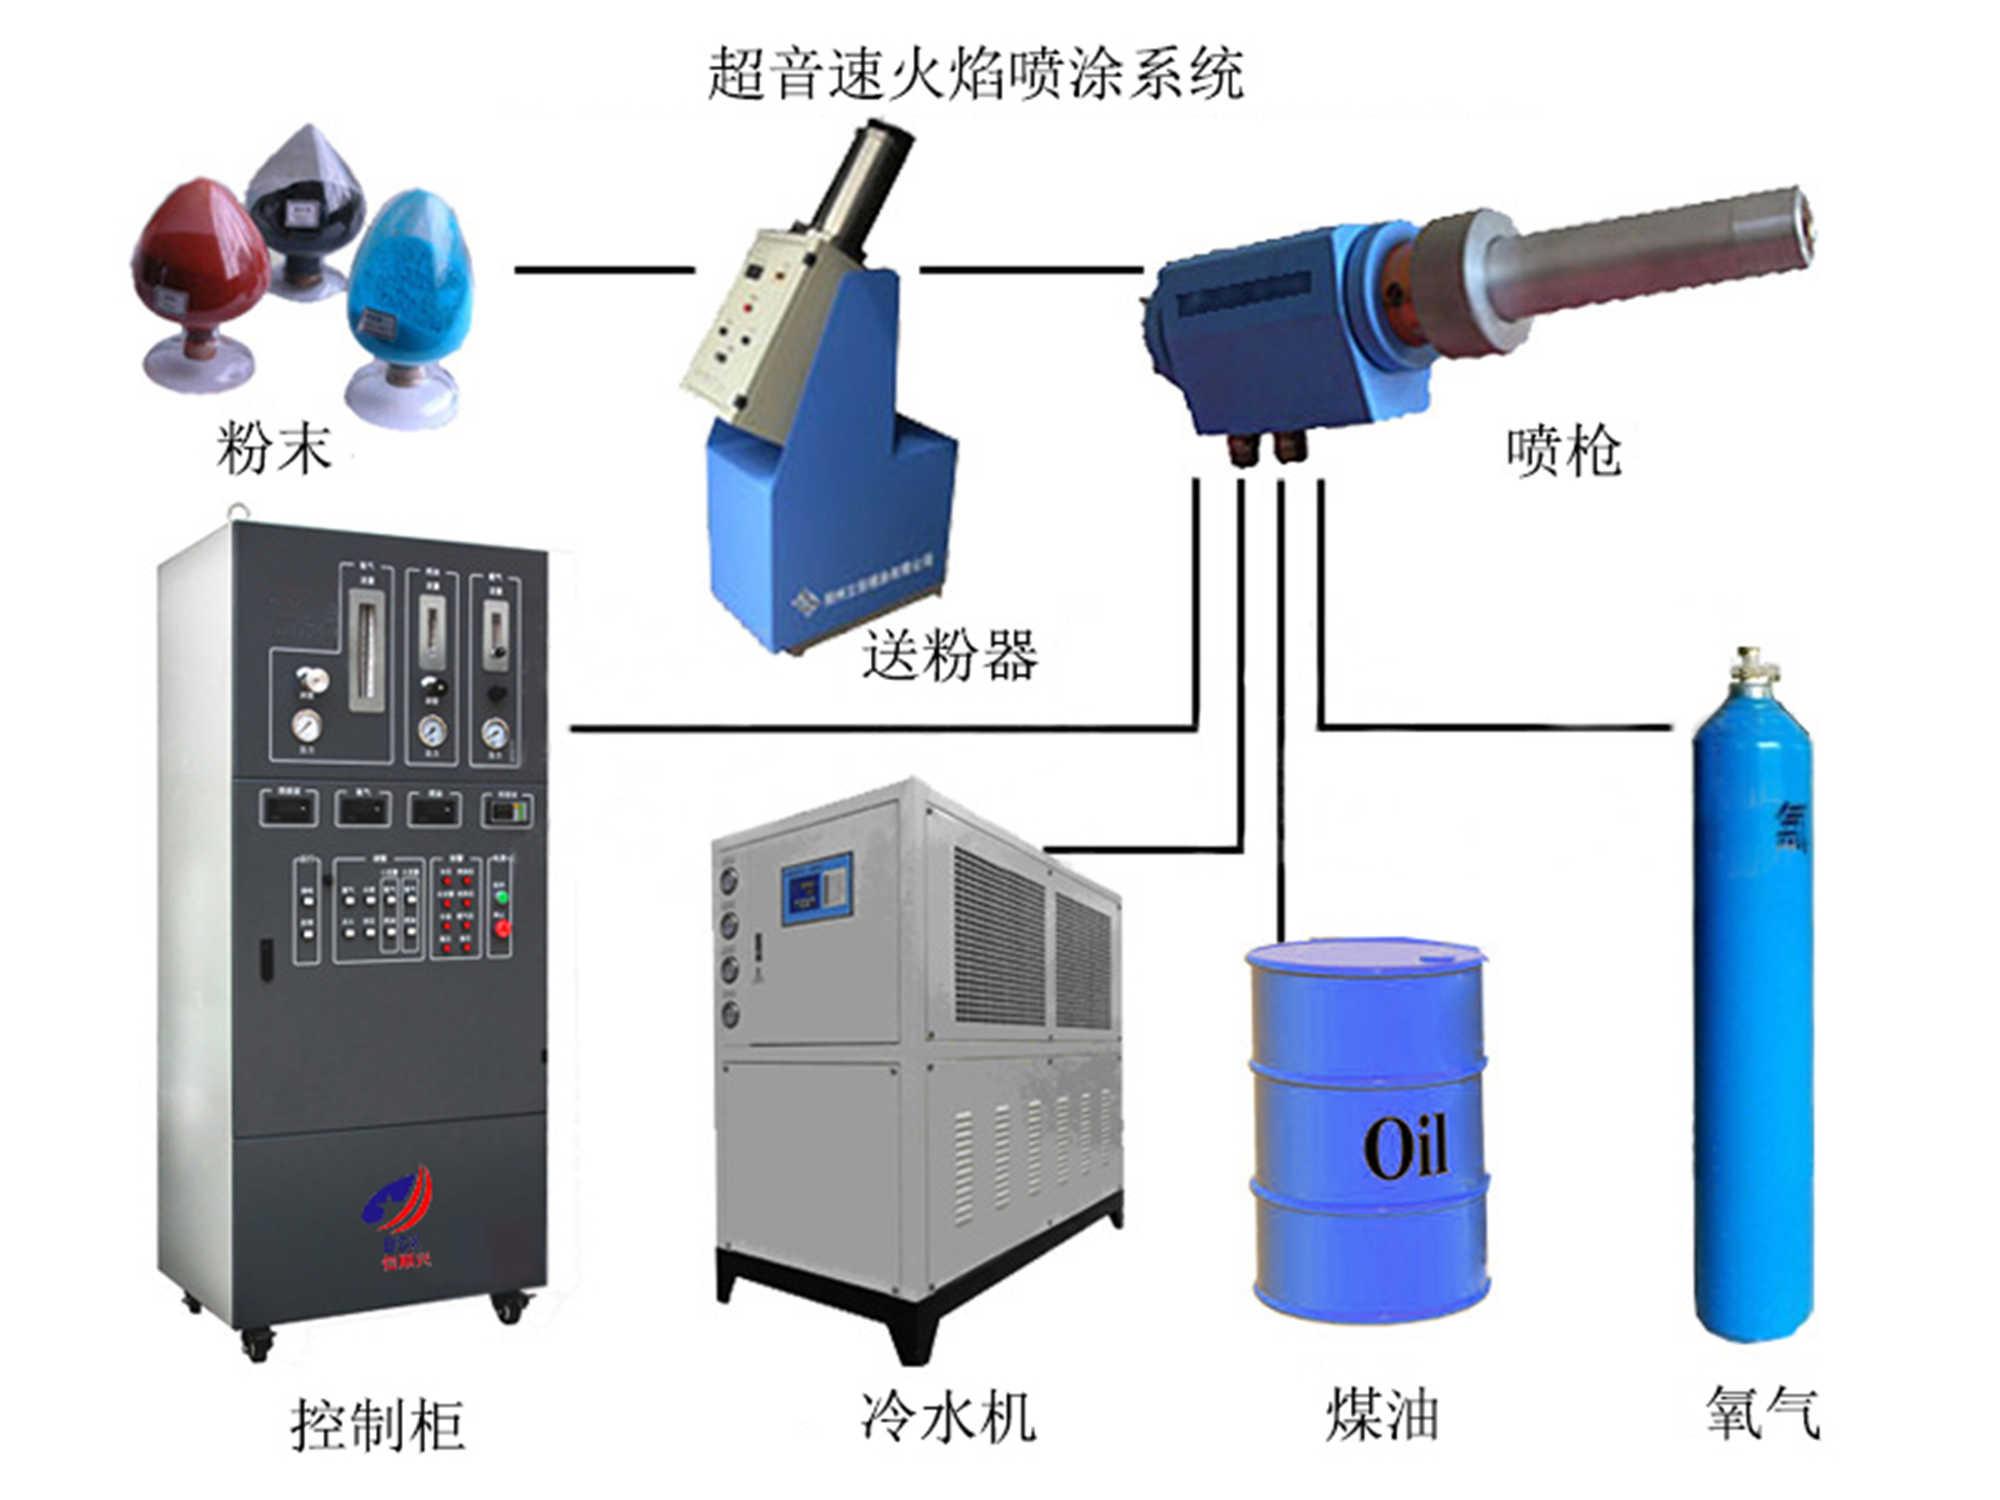 耐磨加工处理超音速喷涂-价格优惠的超音速火焰喷涂设备哪里有卖